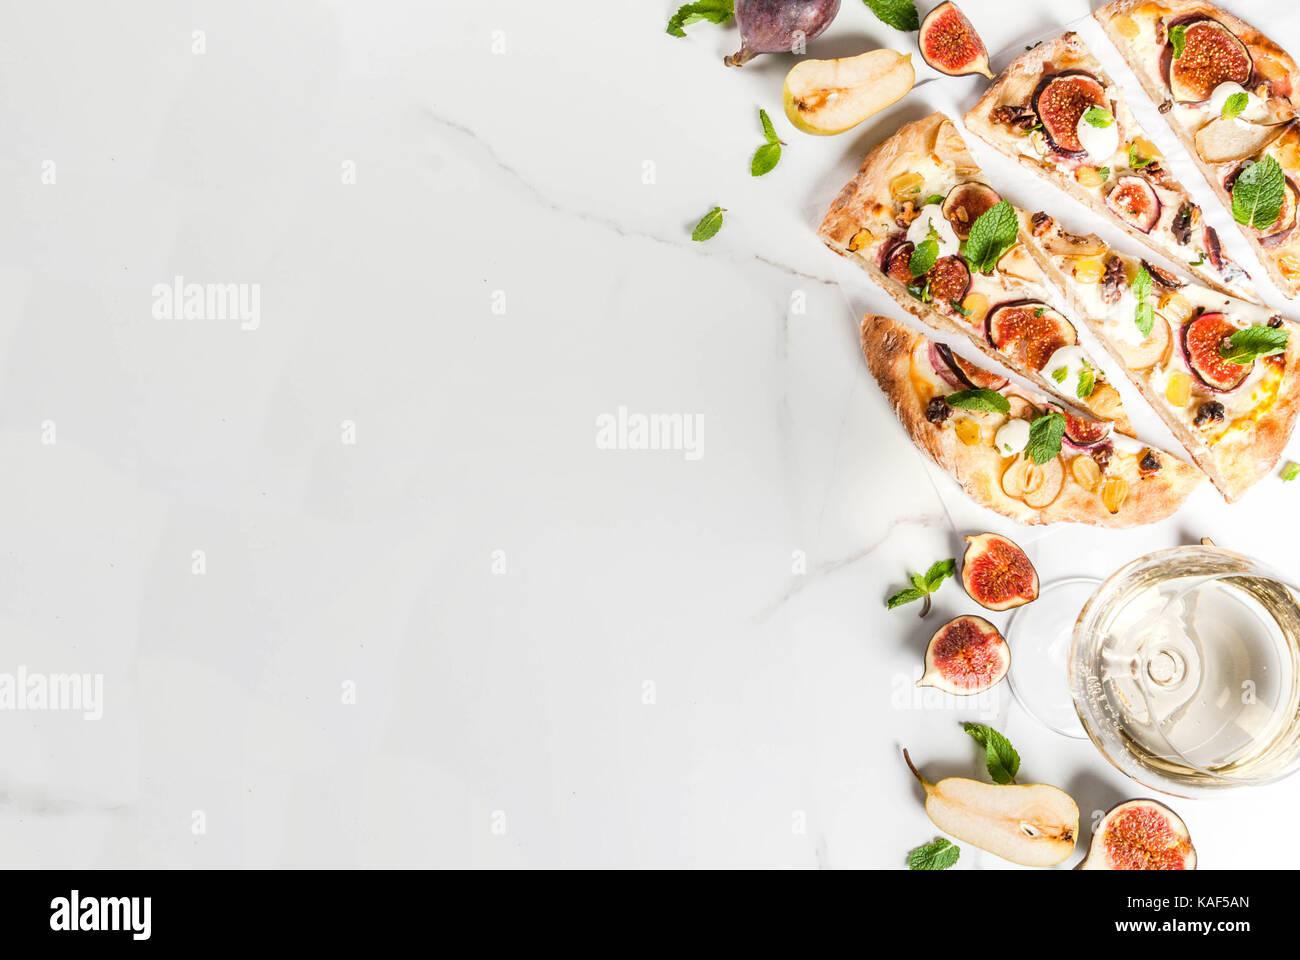 Herbst Backen Rezepte Sussen Kuchen Oder Obst Pizza Focaccia Mit